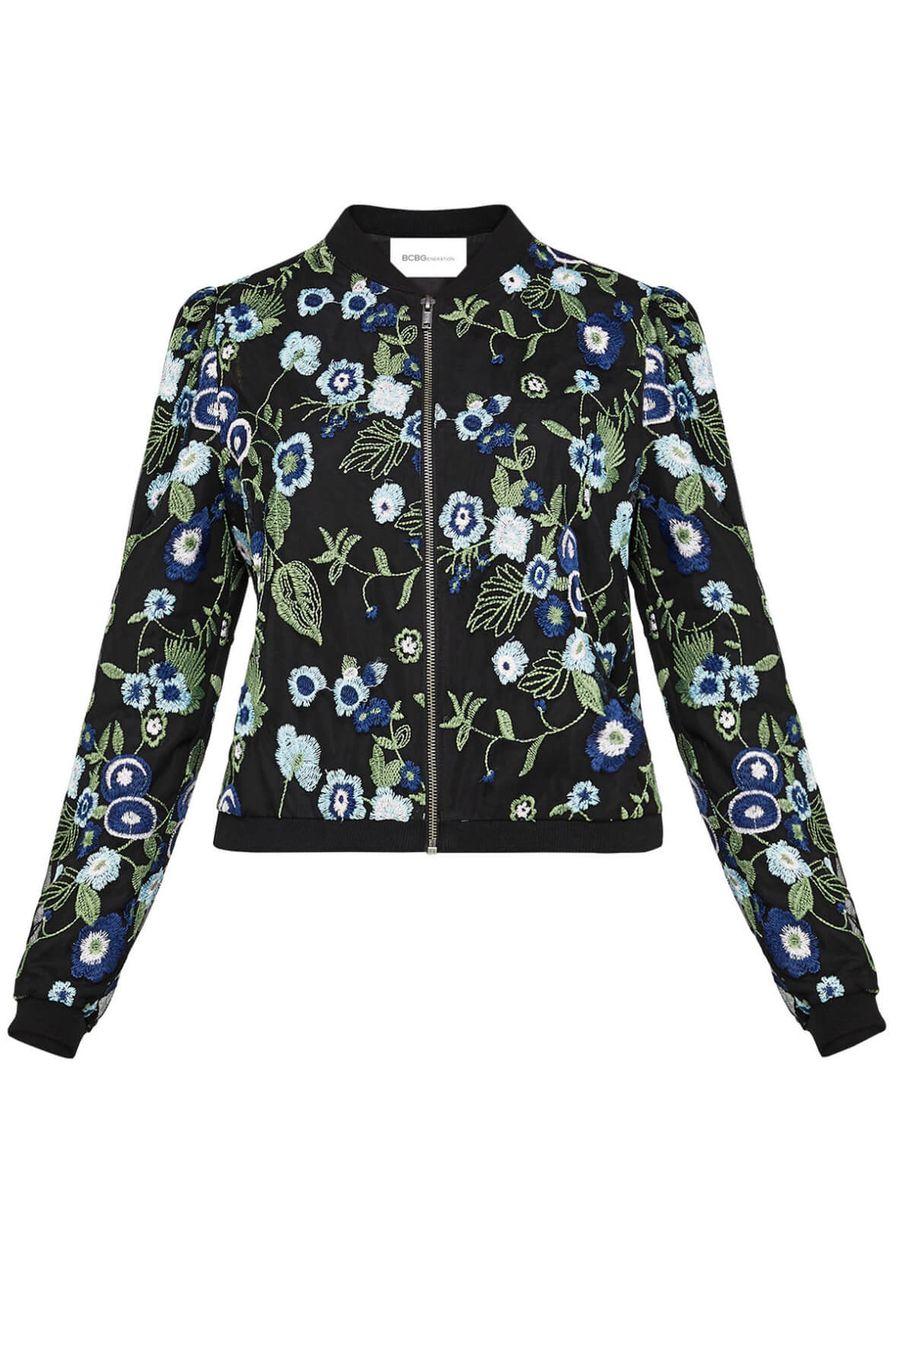 bcbgeneration-floral-embroidered-bomber-jacket-1